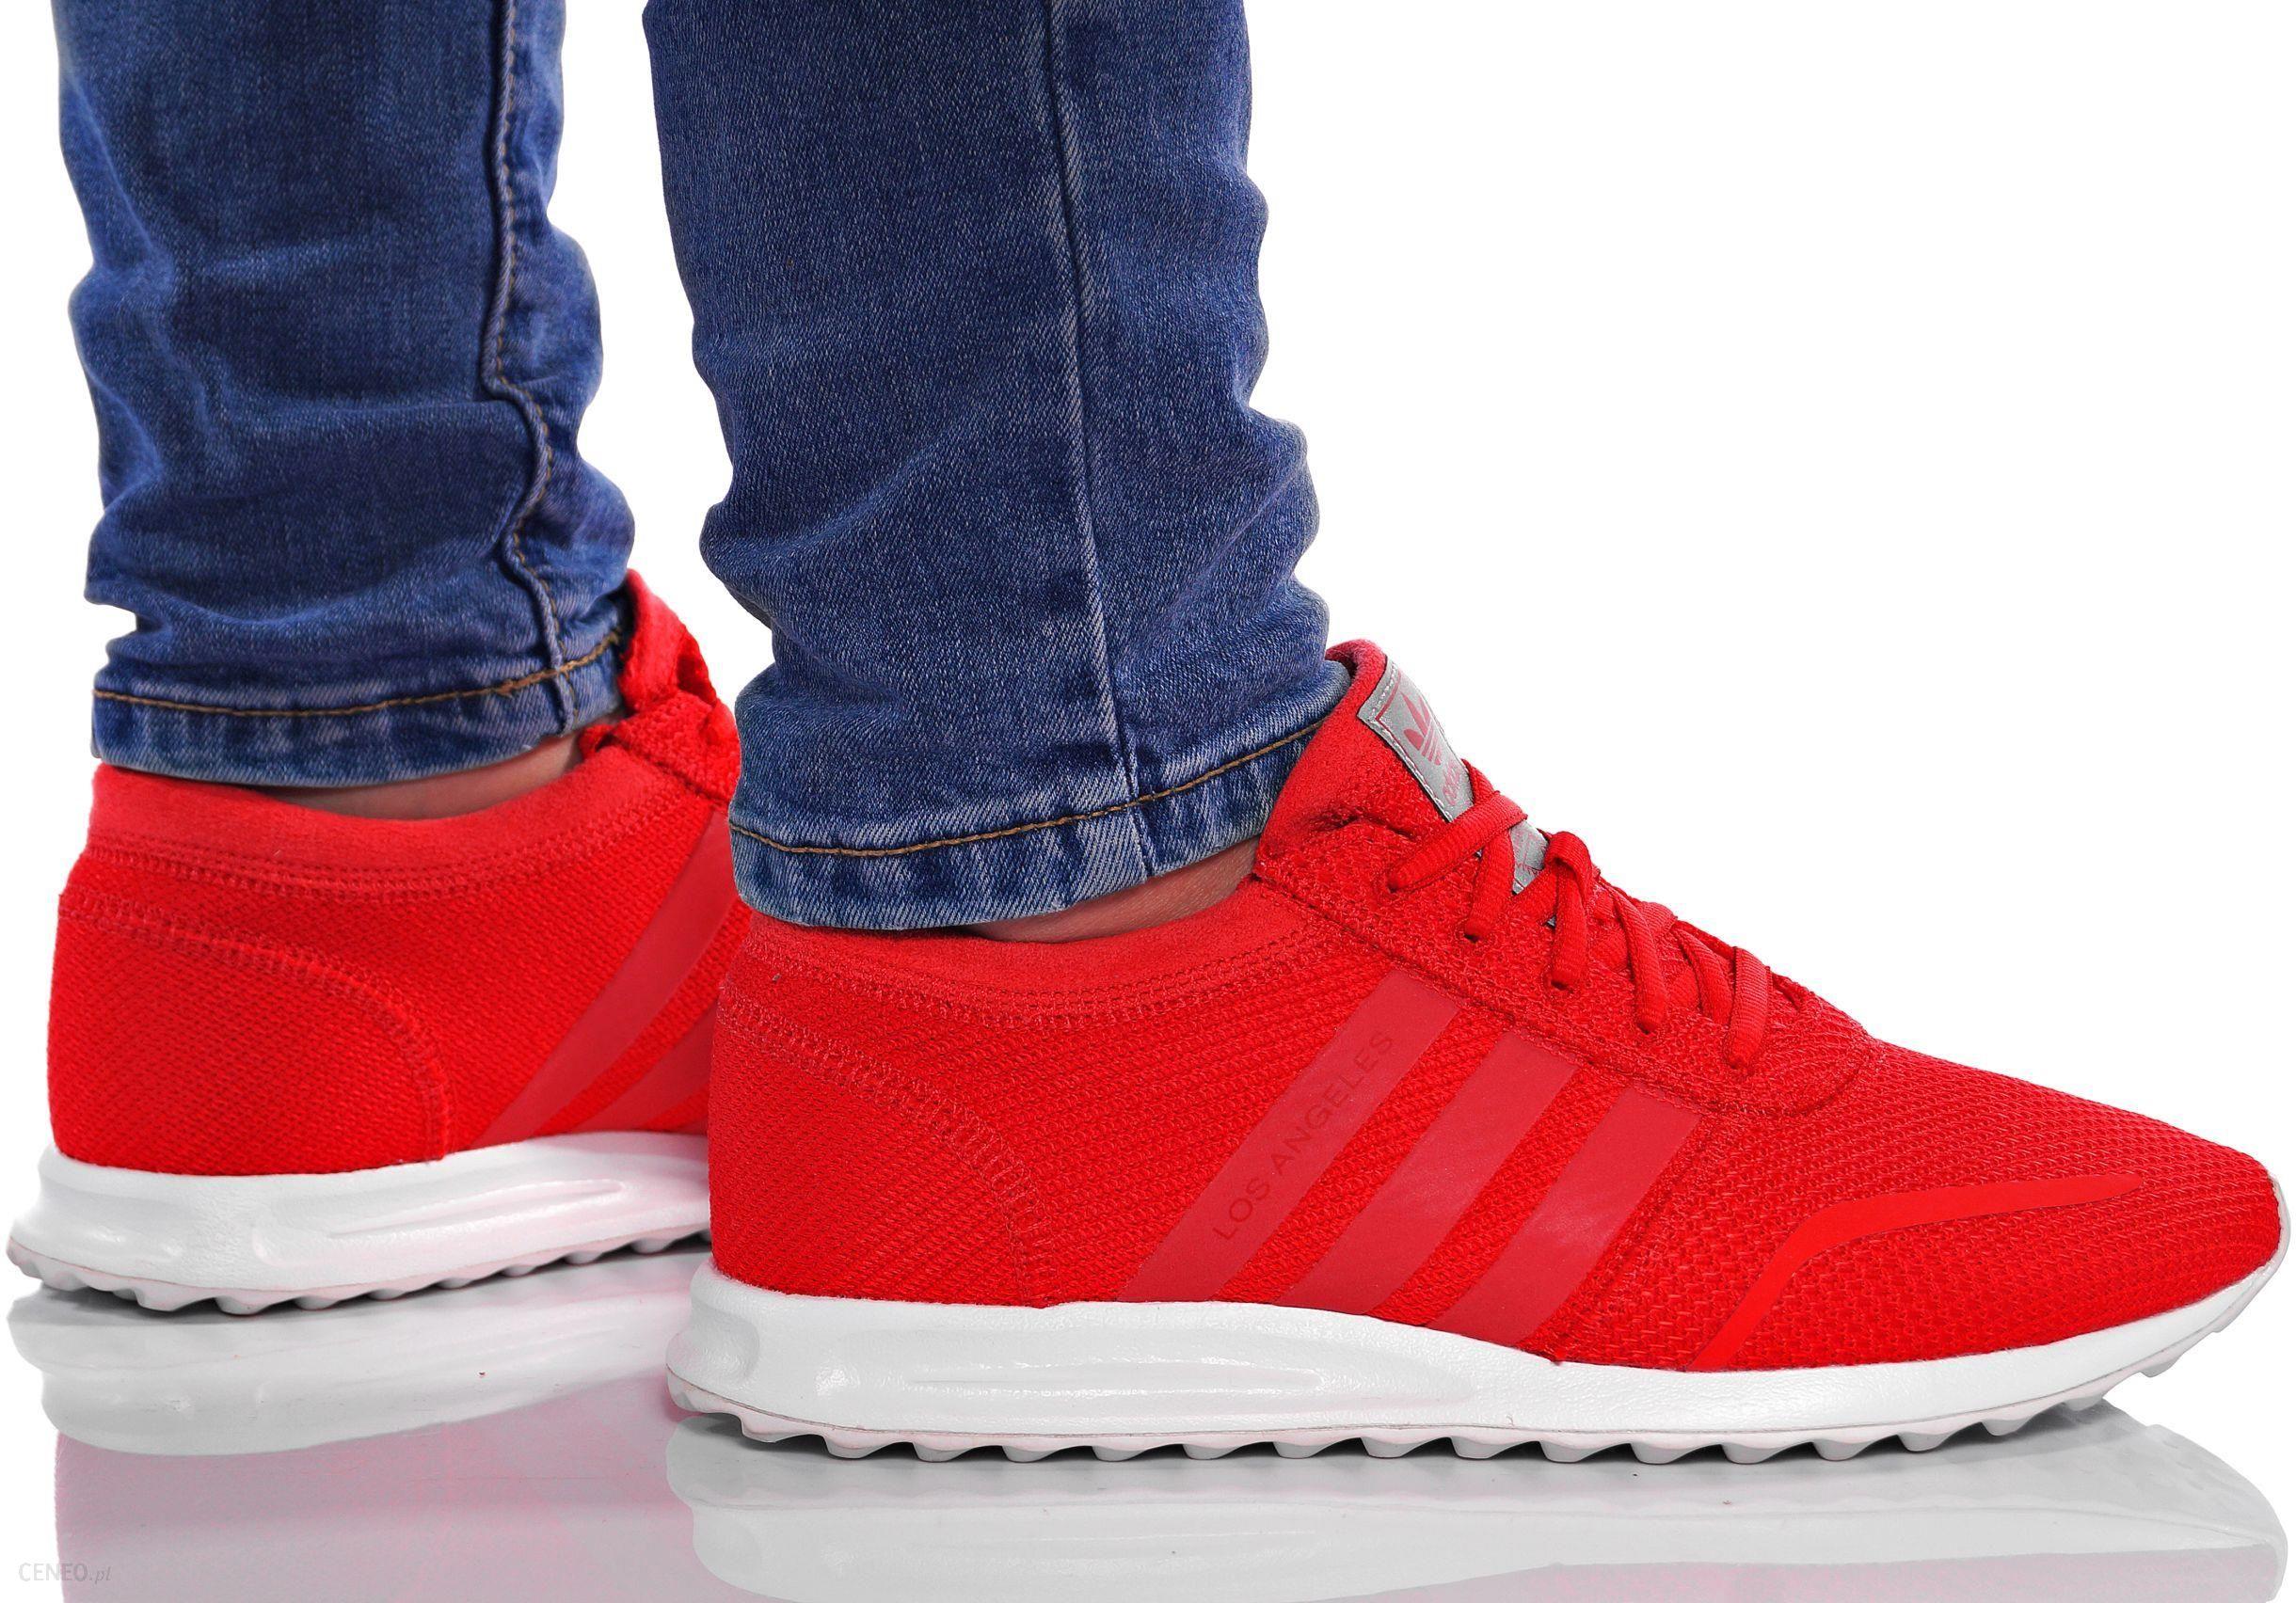 Buty Adidas Los Angeles Czerwone r. 38 S80174 Ceny i opinie Ceneo.pl